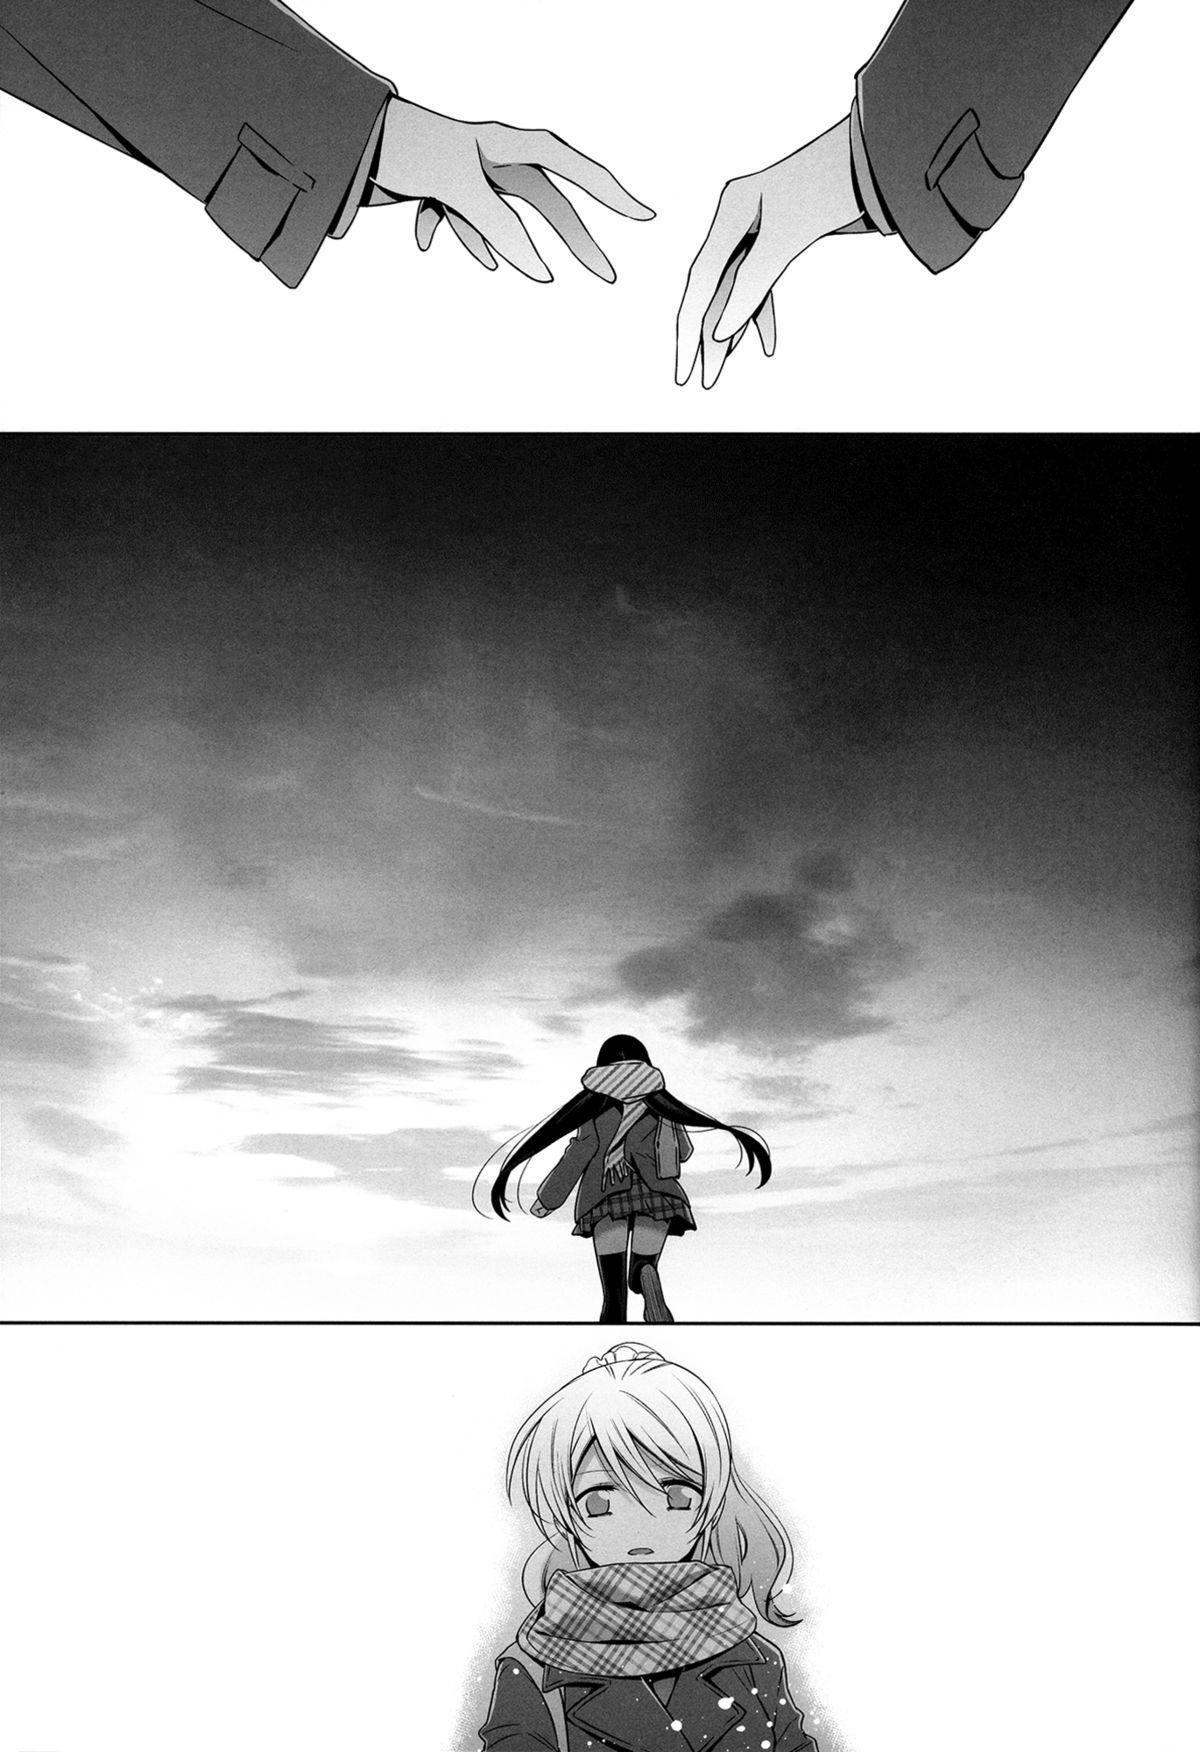 Haru mo Natsu mo Aki mo Fuyu mo | In Spring, In Summer, In Autumn, In Winter. Always With You! 18